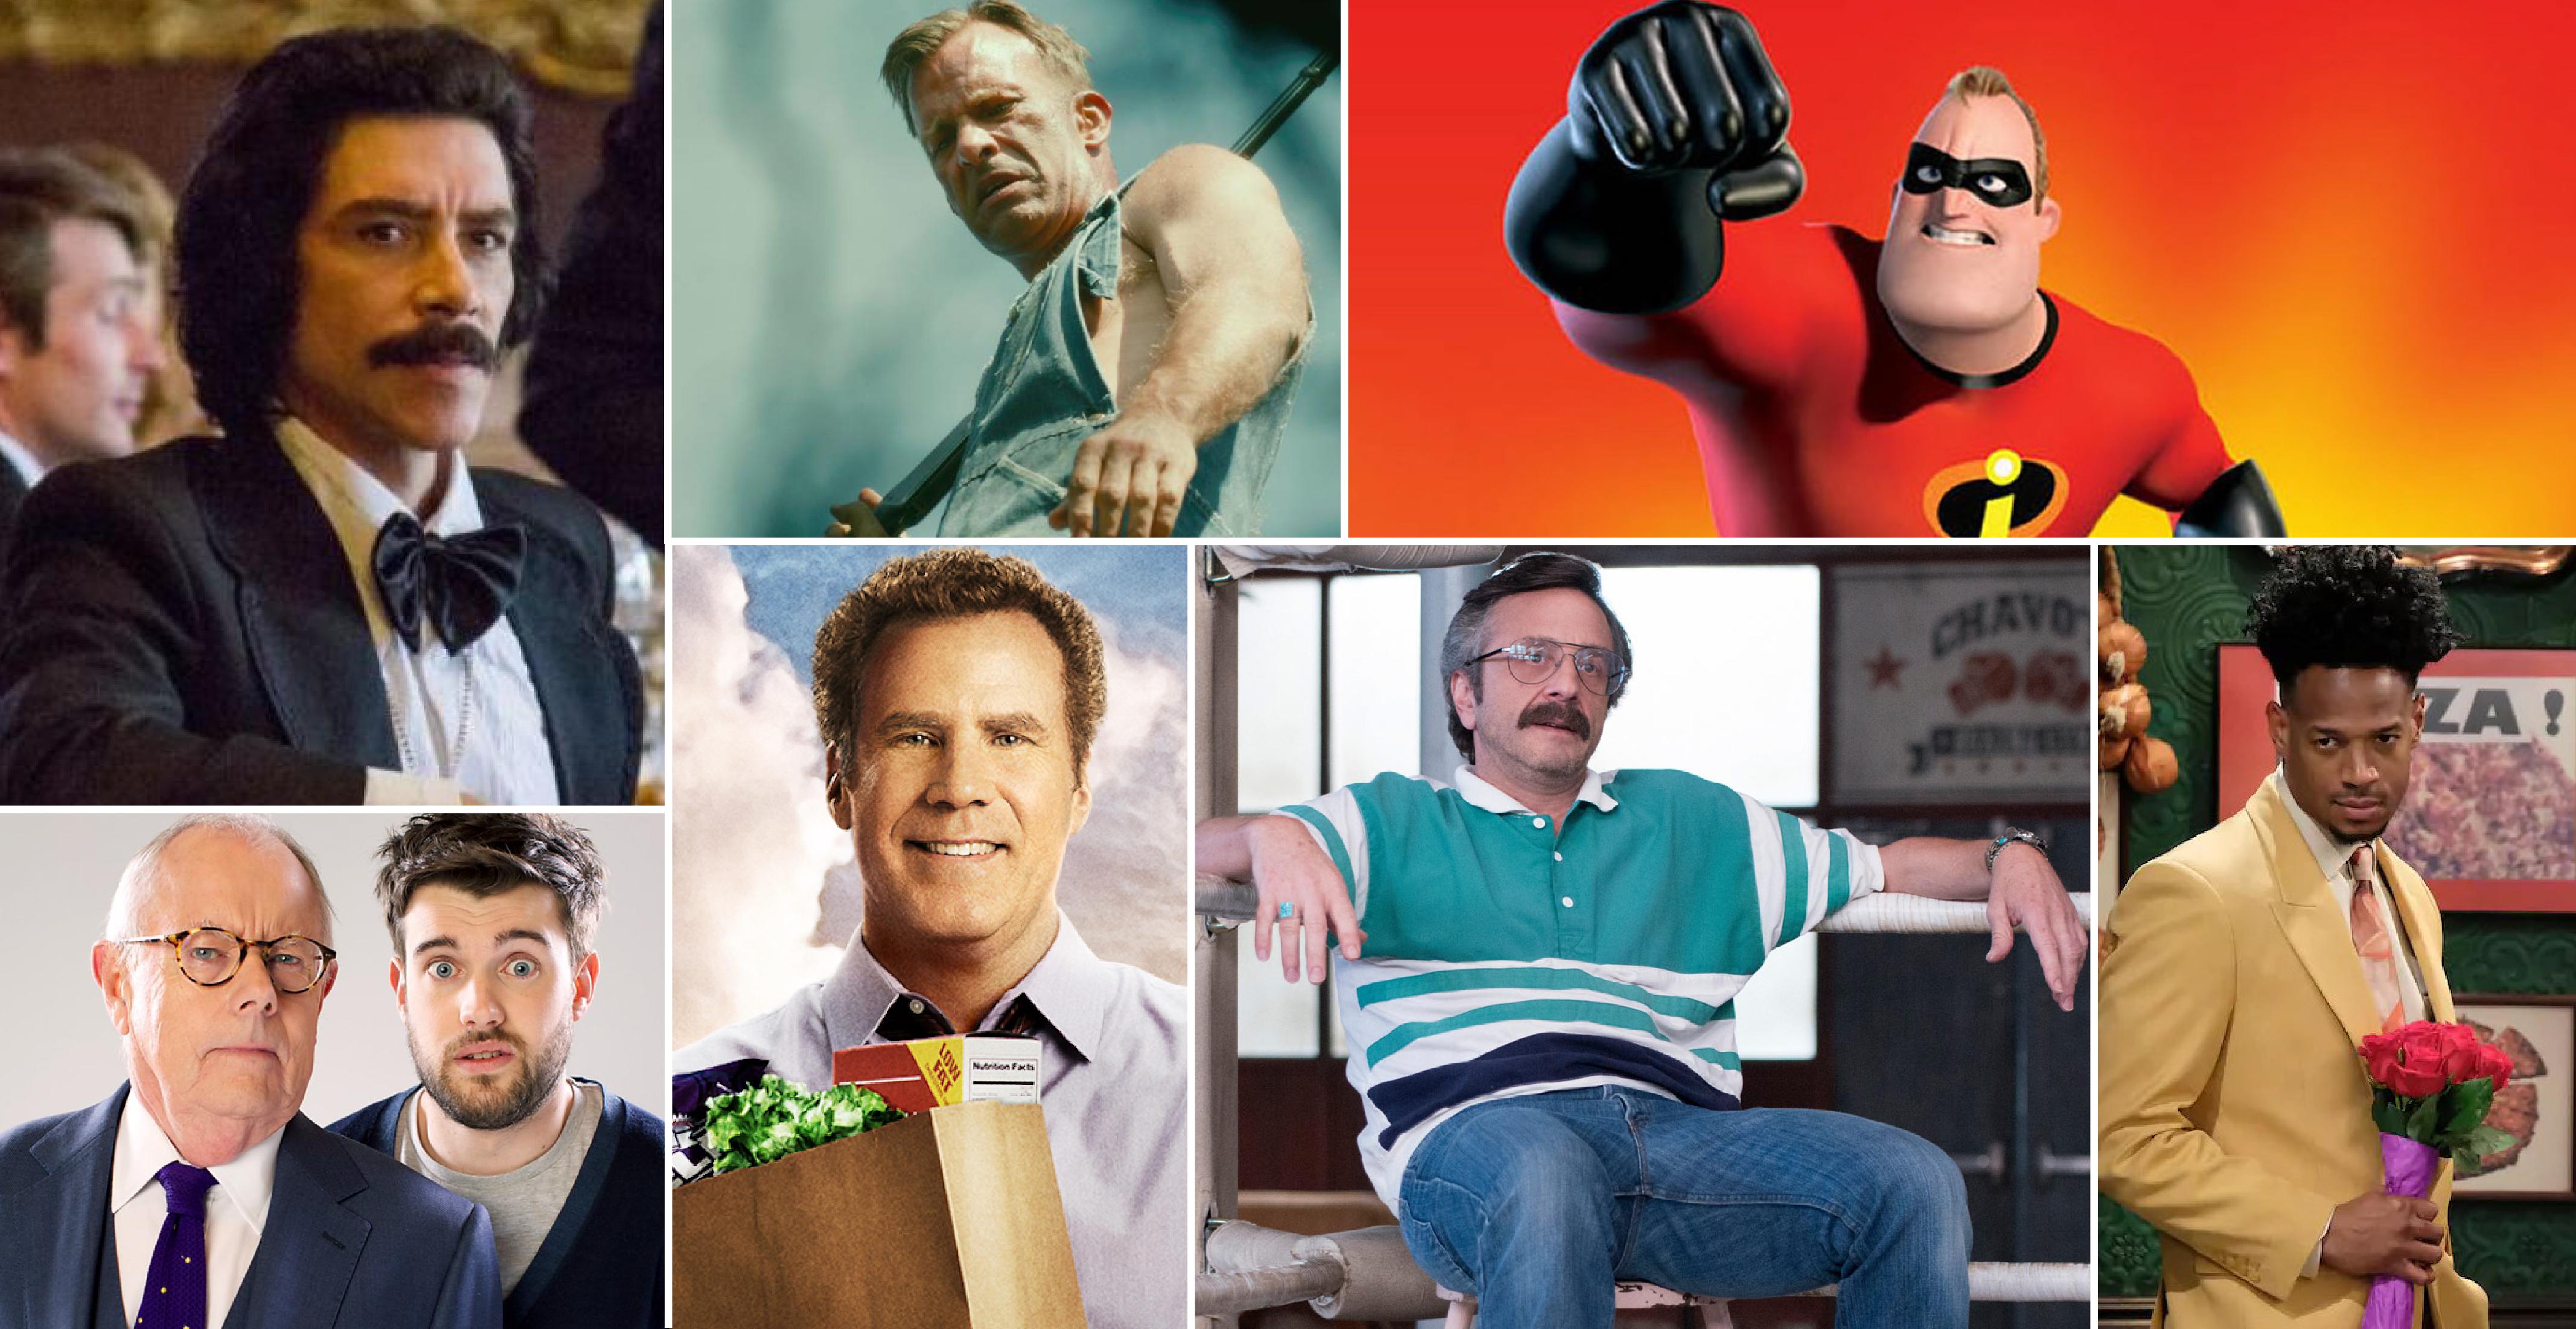 Sigue el festejo: series y películas de Netflix para celebrar el Día del Padre